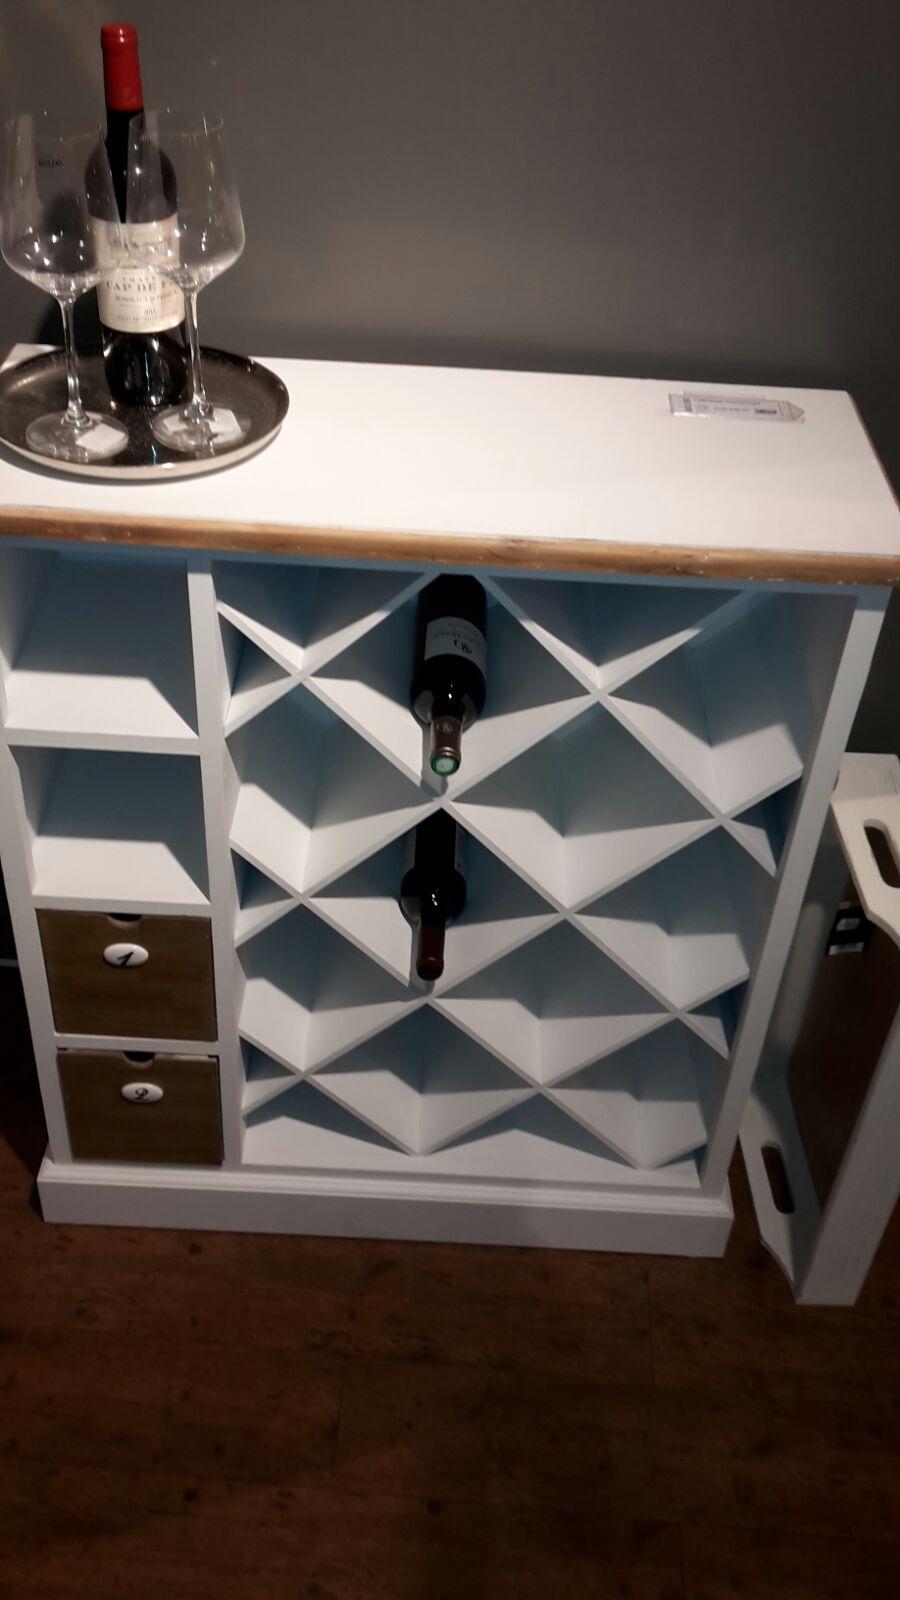 ist es m glich dieses weinregal selbst zu bauen anhang und falls ja wie holz heimwerken. Black Bedroom Furniture Sets. Home Design Ideas